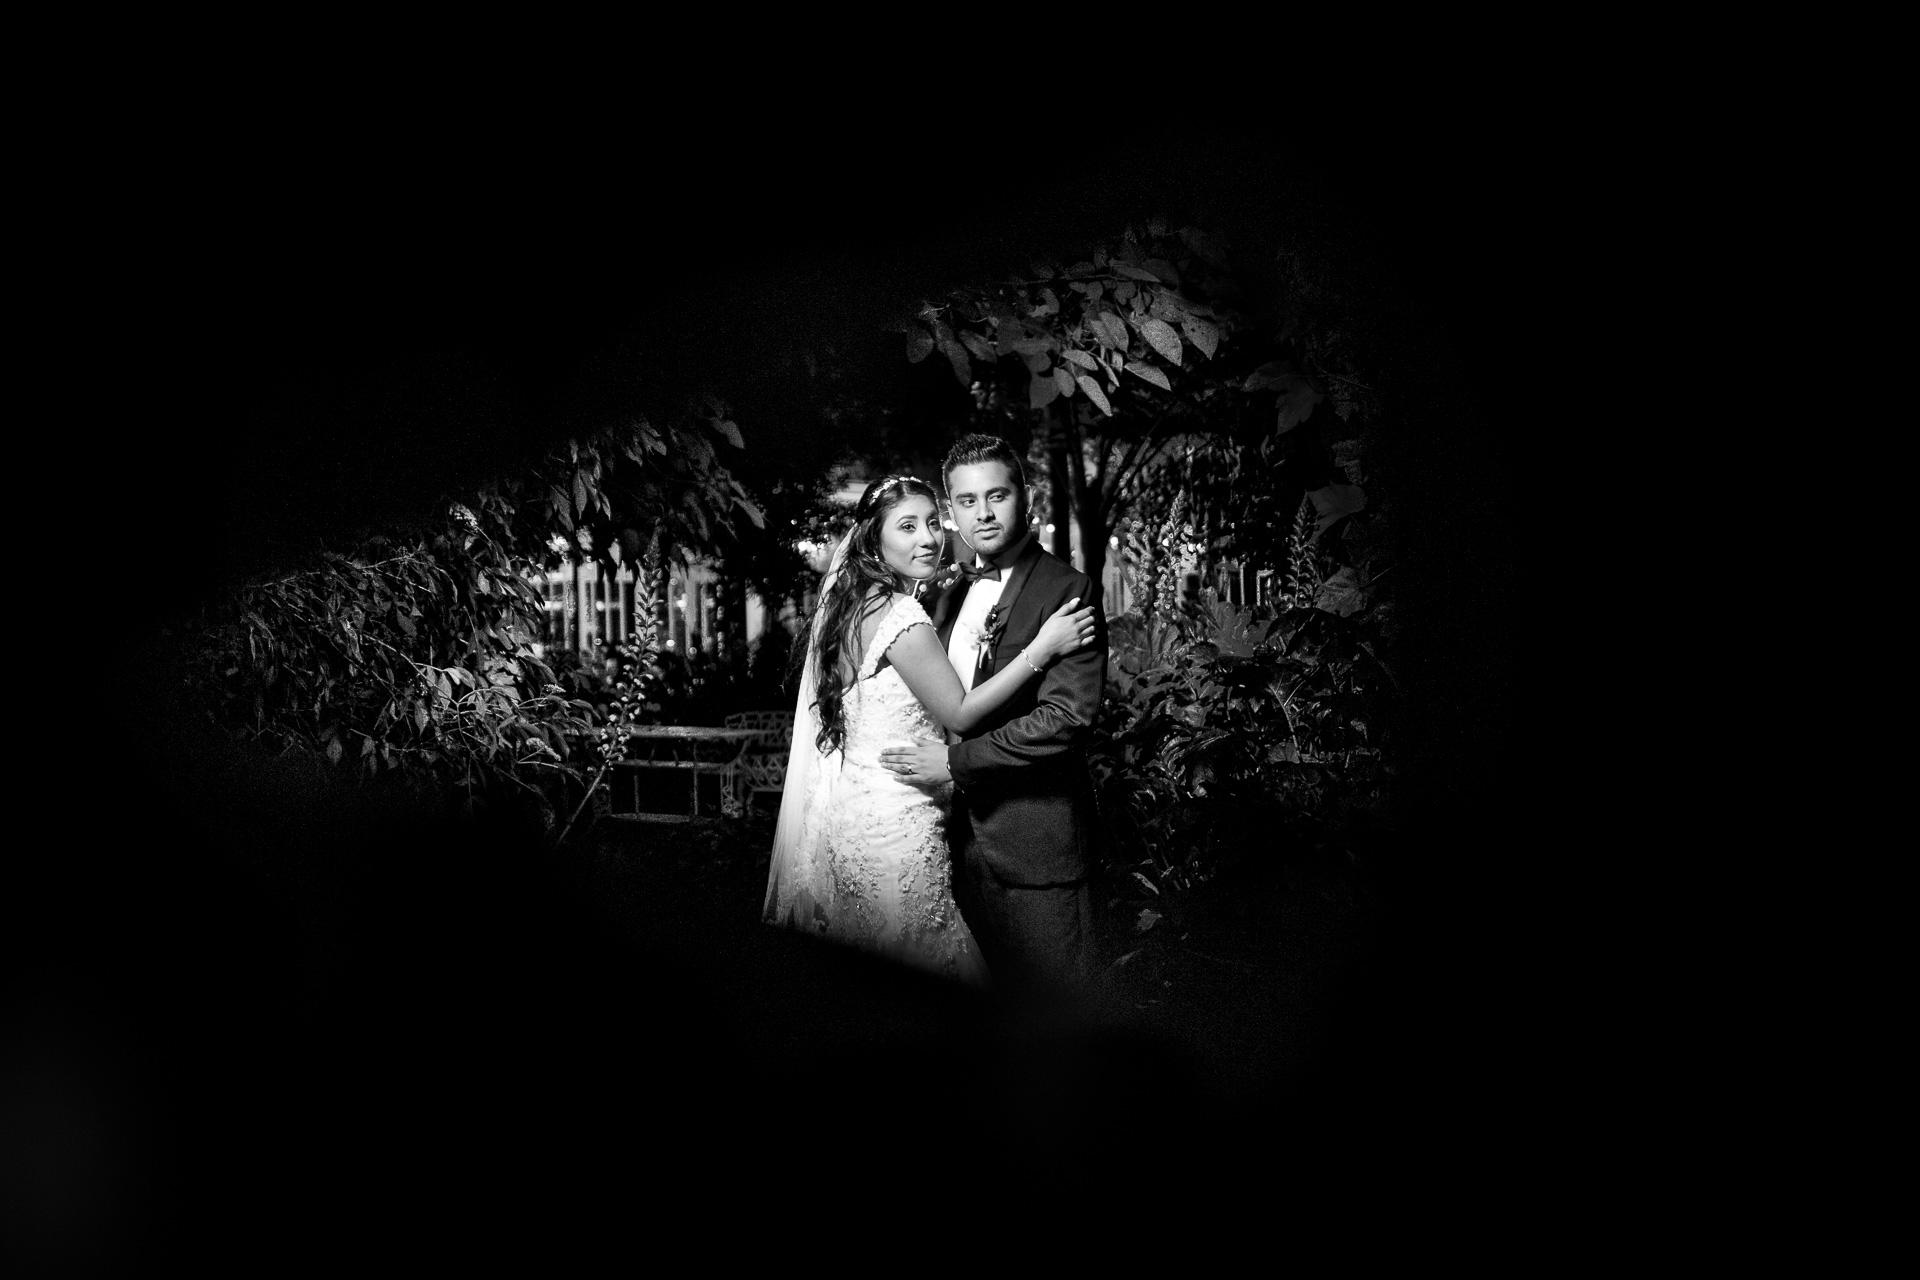 Fotógrafos-de-bodas-en-Colombia-Alejandro-y-Angelica-41-2 ALEJANDRO + ANGELICA